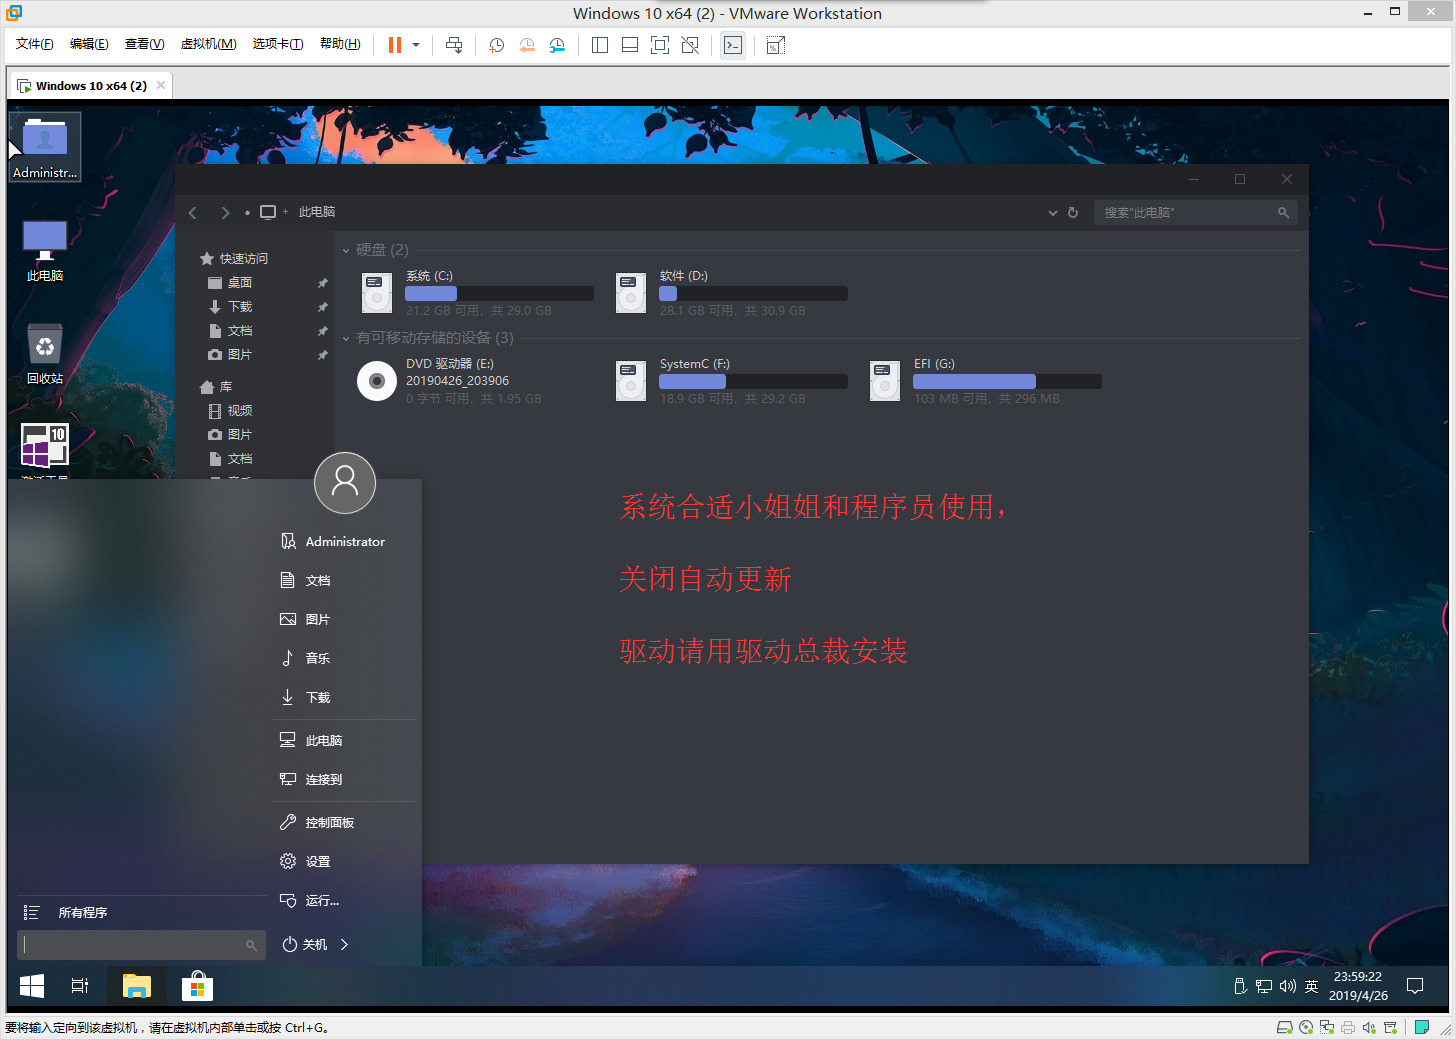 【木西】Windows10_1809_美化版本_VIP定制版@只发布一天@